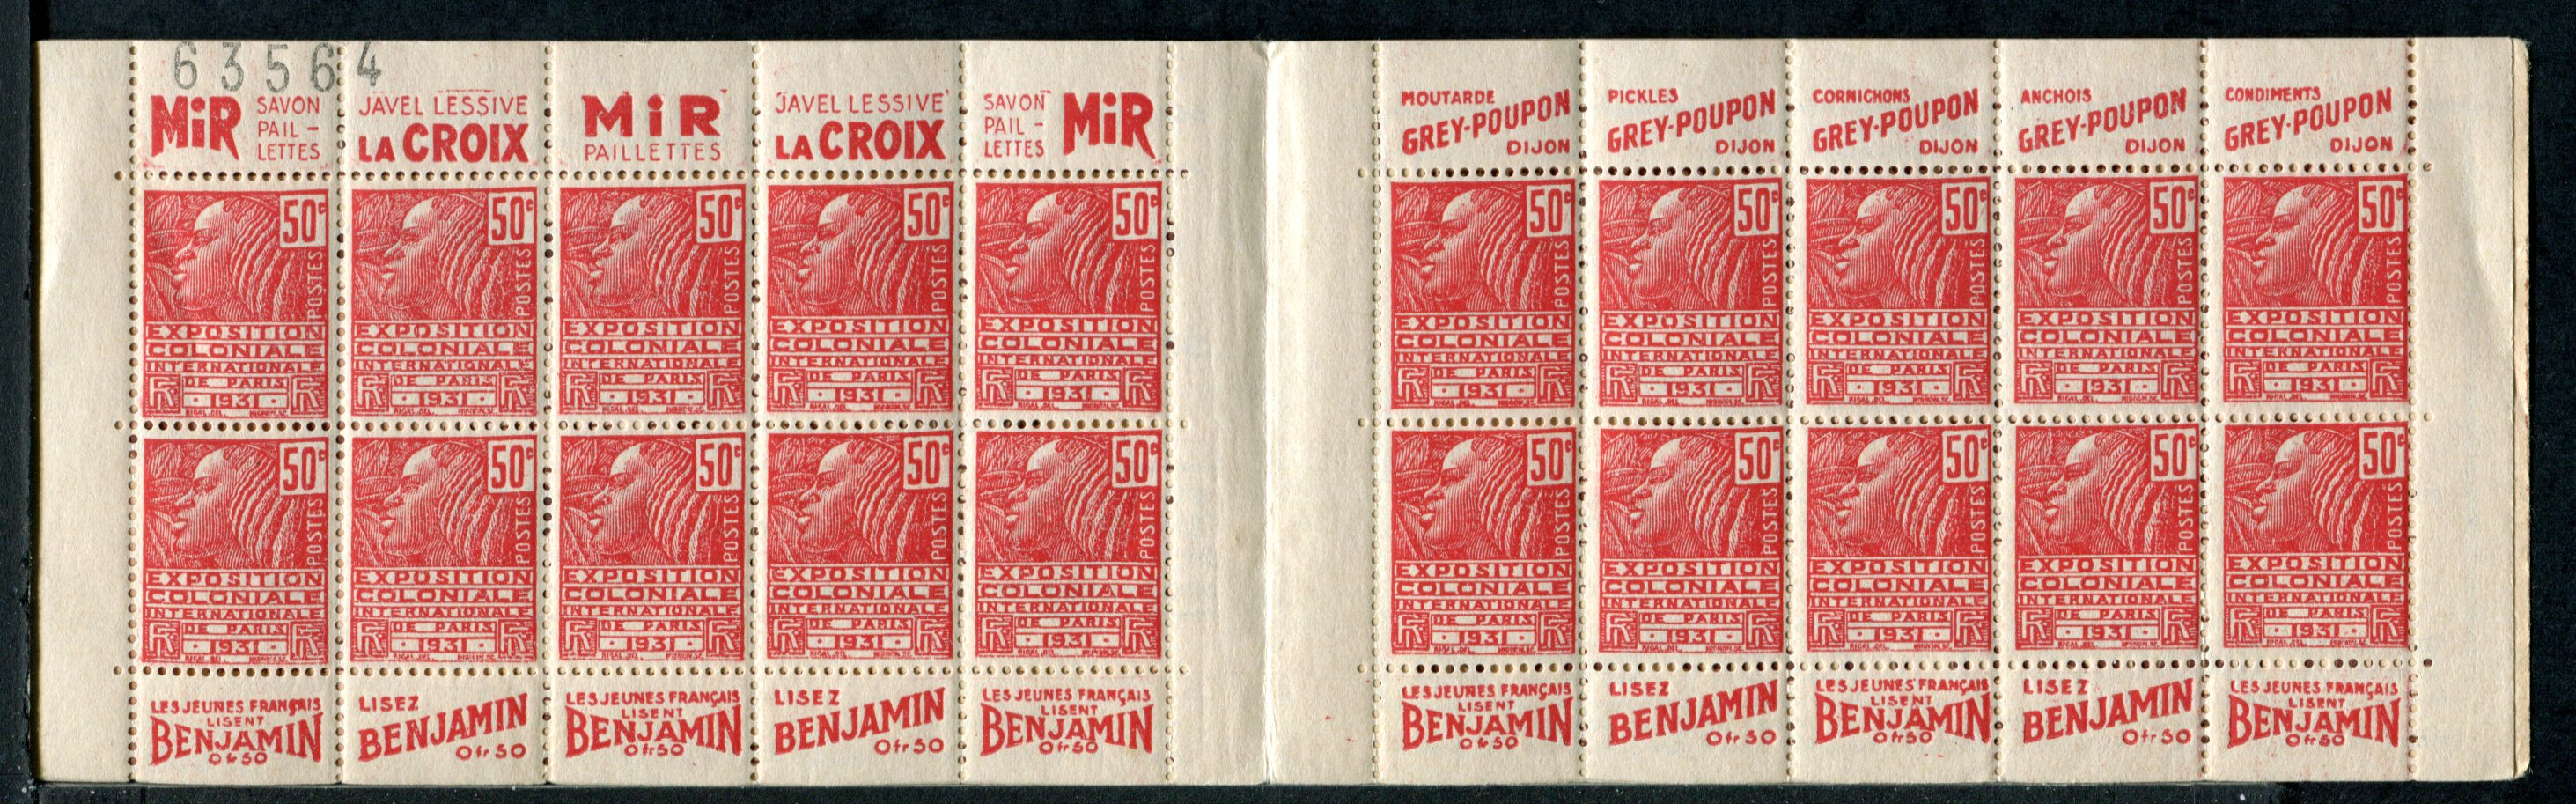 Début_d'inscription_de_N°_de_controle_en_1928_-_Fachi_-_272-C10_-_ACCP_204_